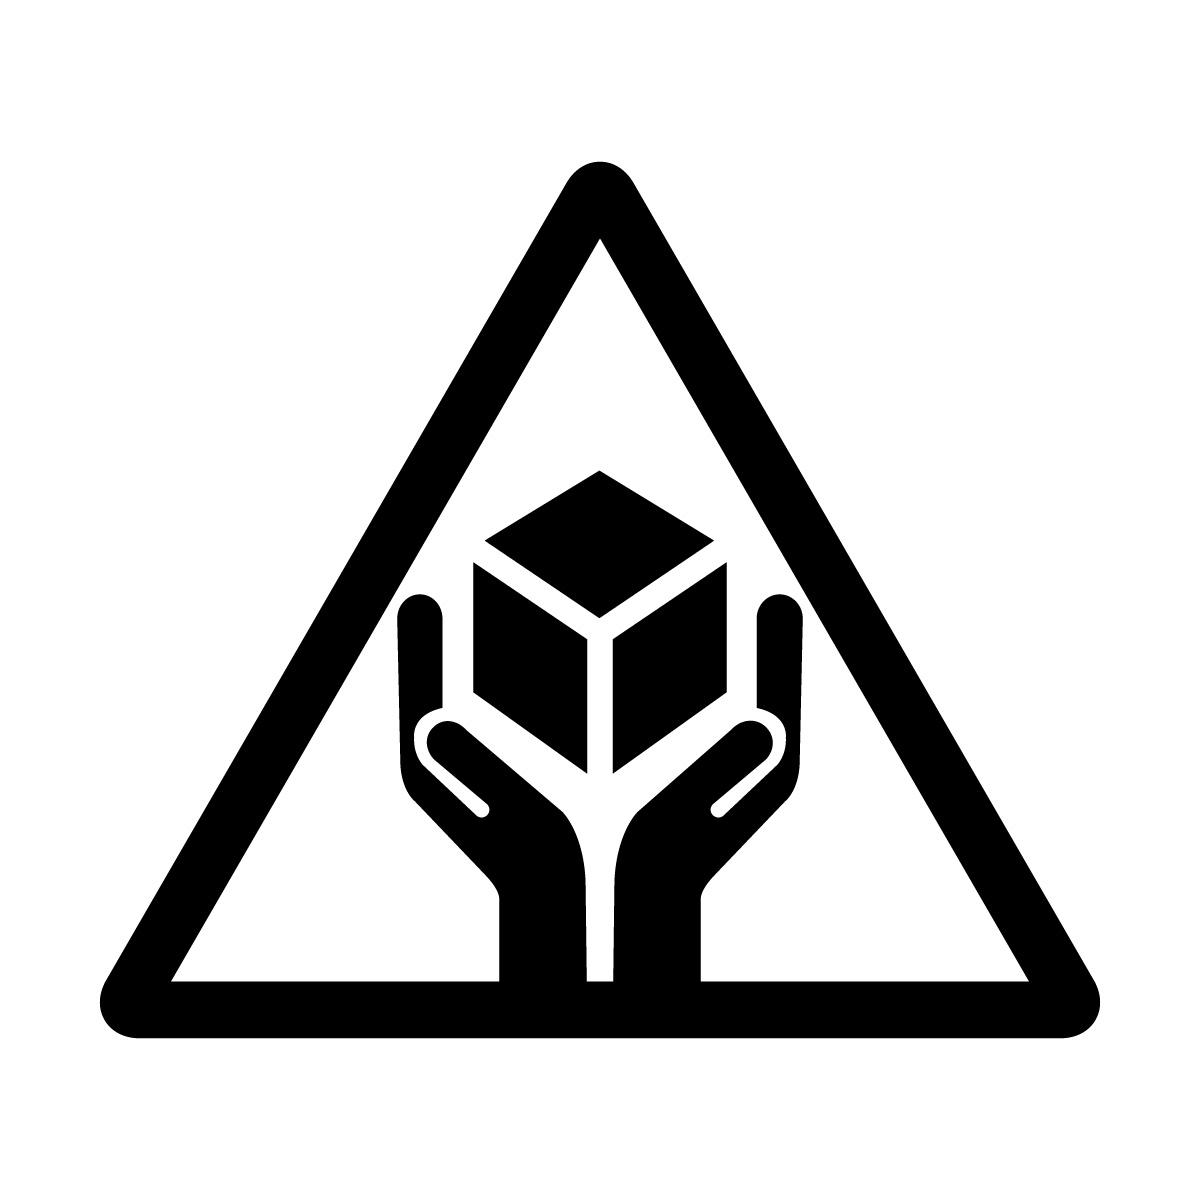 黒色の商品 配送 取扱い注意 シール ステッカー カッティングステッカー (矢印付き) 光沢タイプ・防水 耐水・屋外耐候3~4年